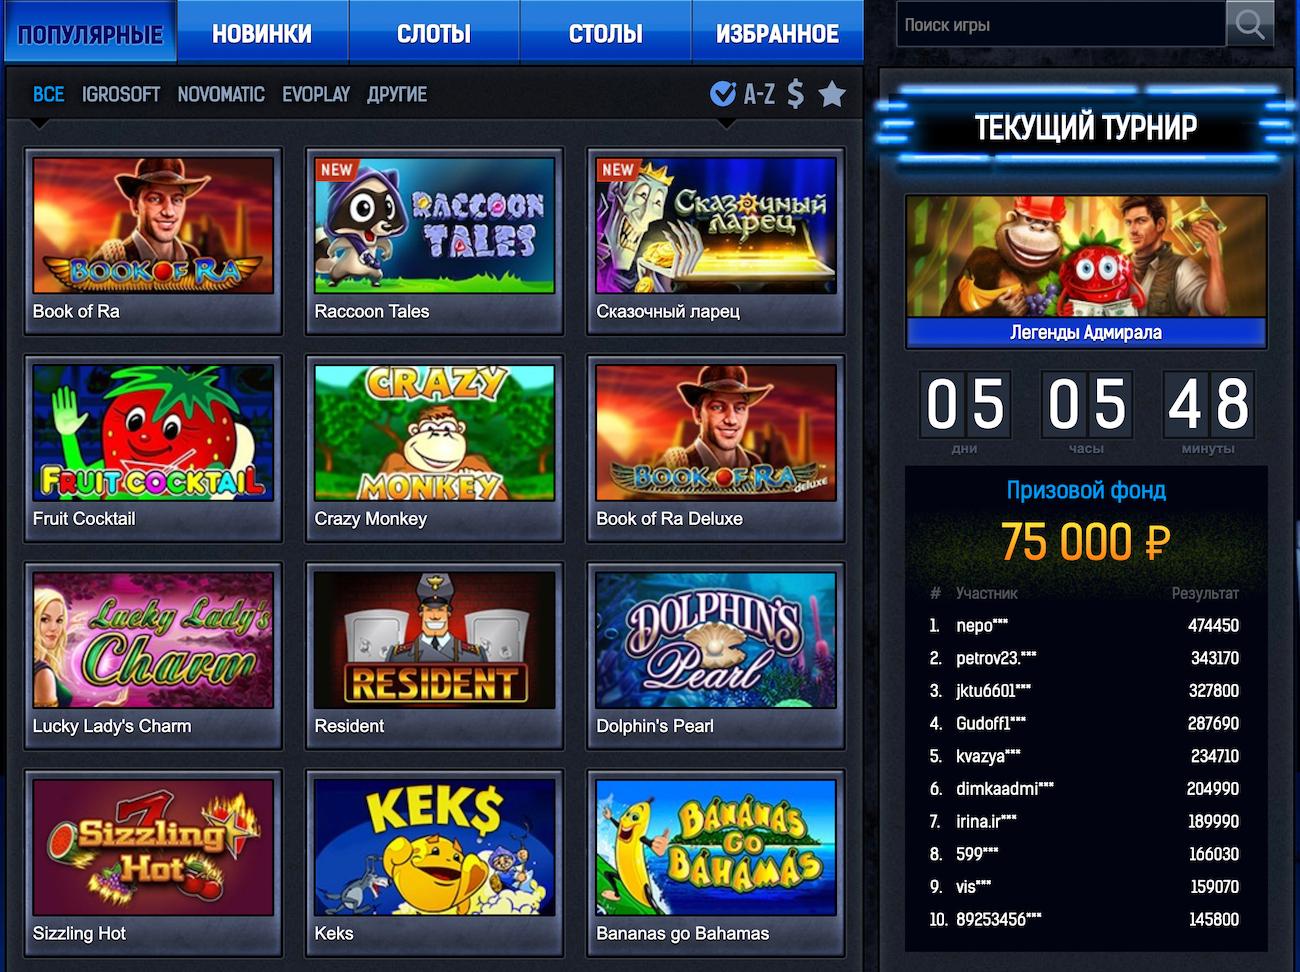 Бесплатные игровые автоматы вулкан клубника